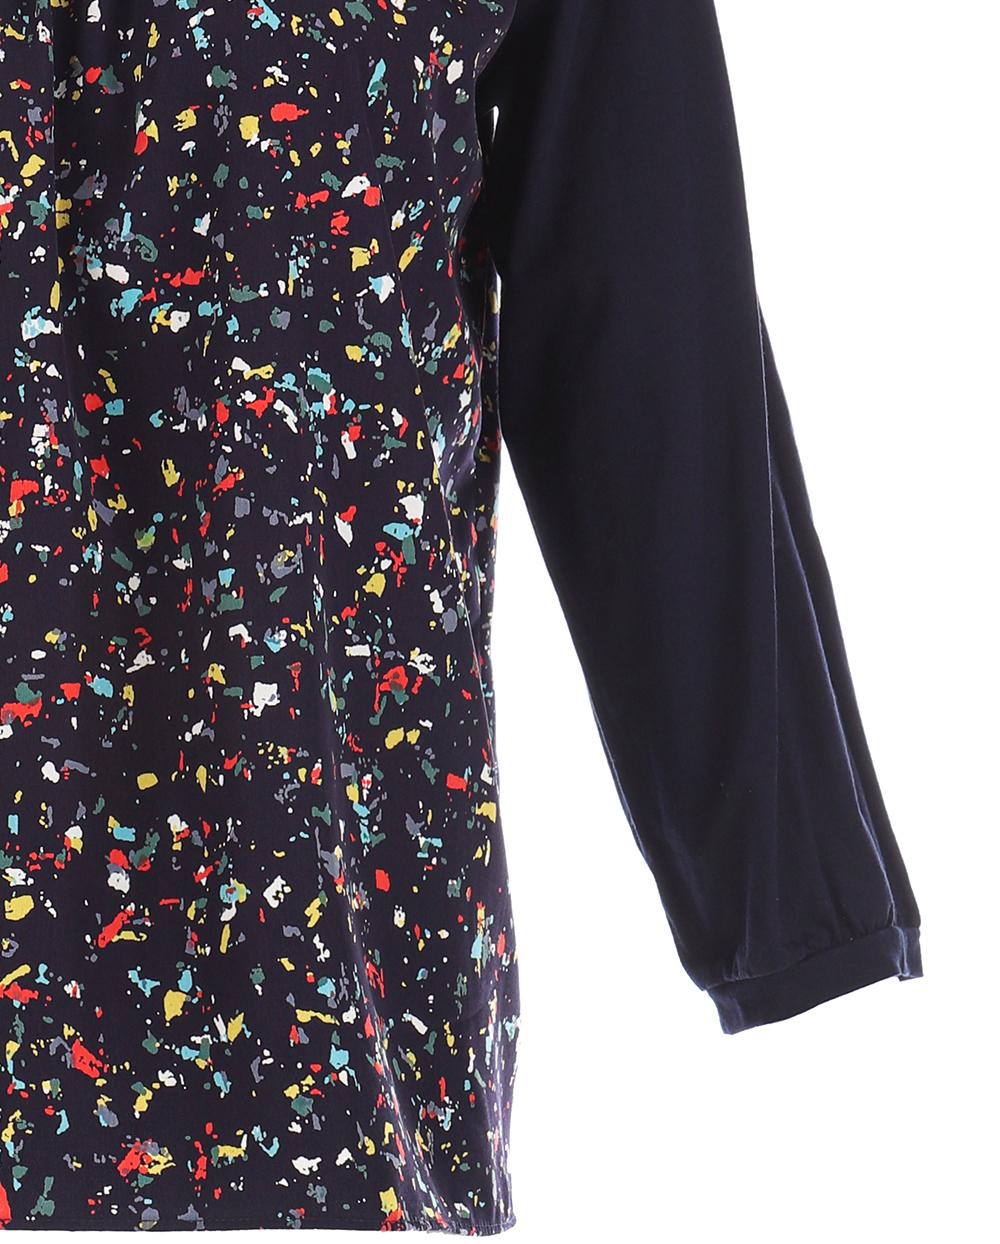 드레스 상품상세 이미지-S2L34